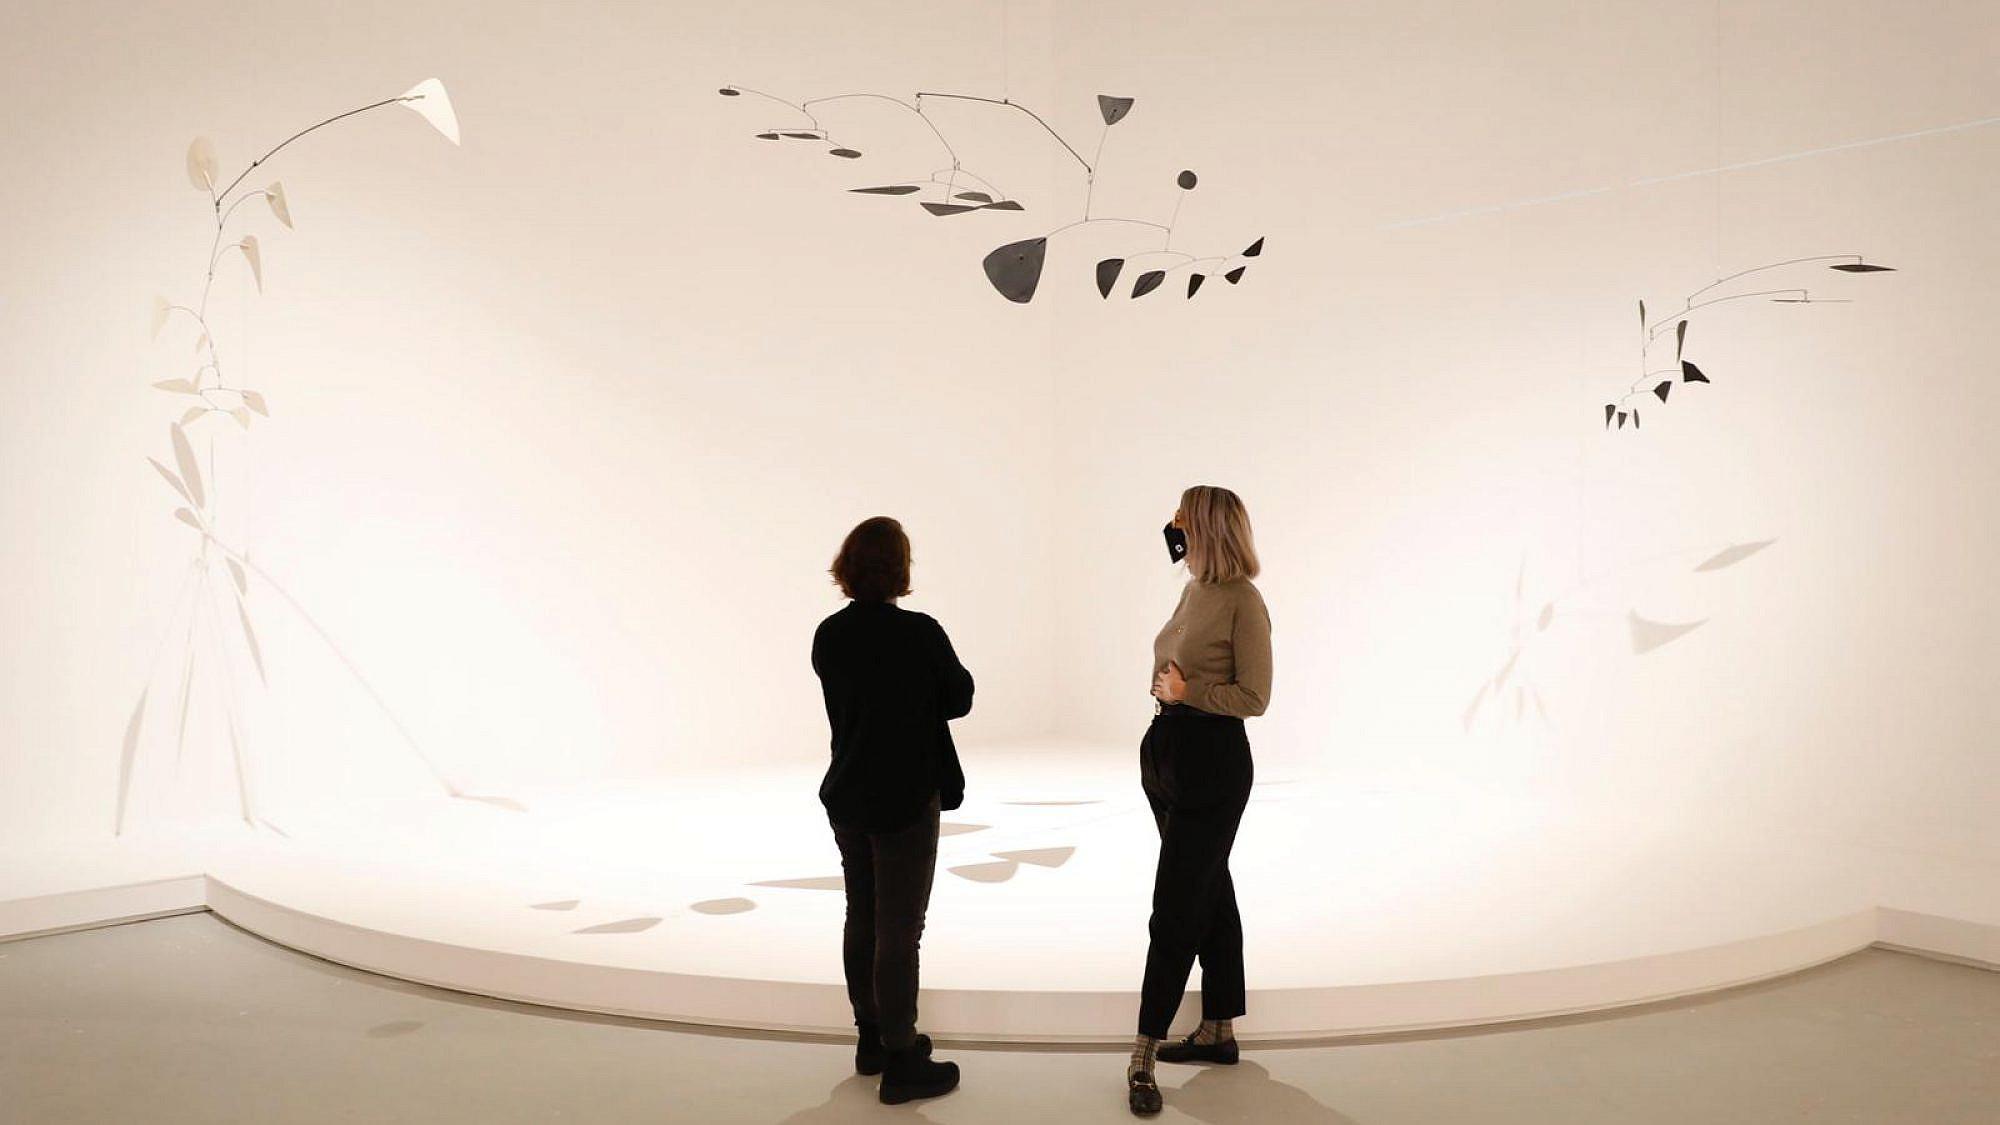 תערוכה חדשה במוזיאון תל אביב (צילום: גיא יחיאלי)